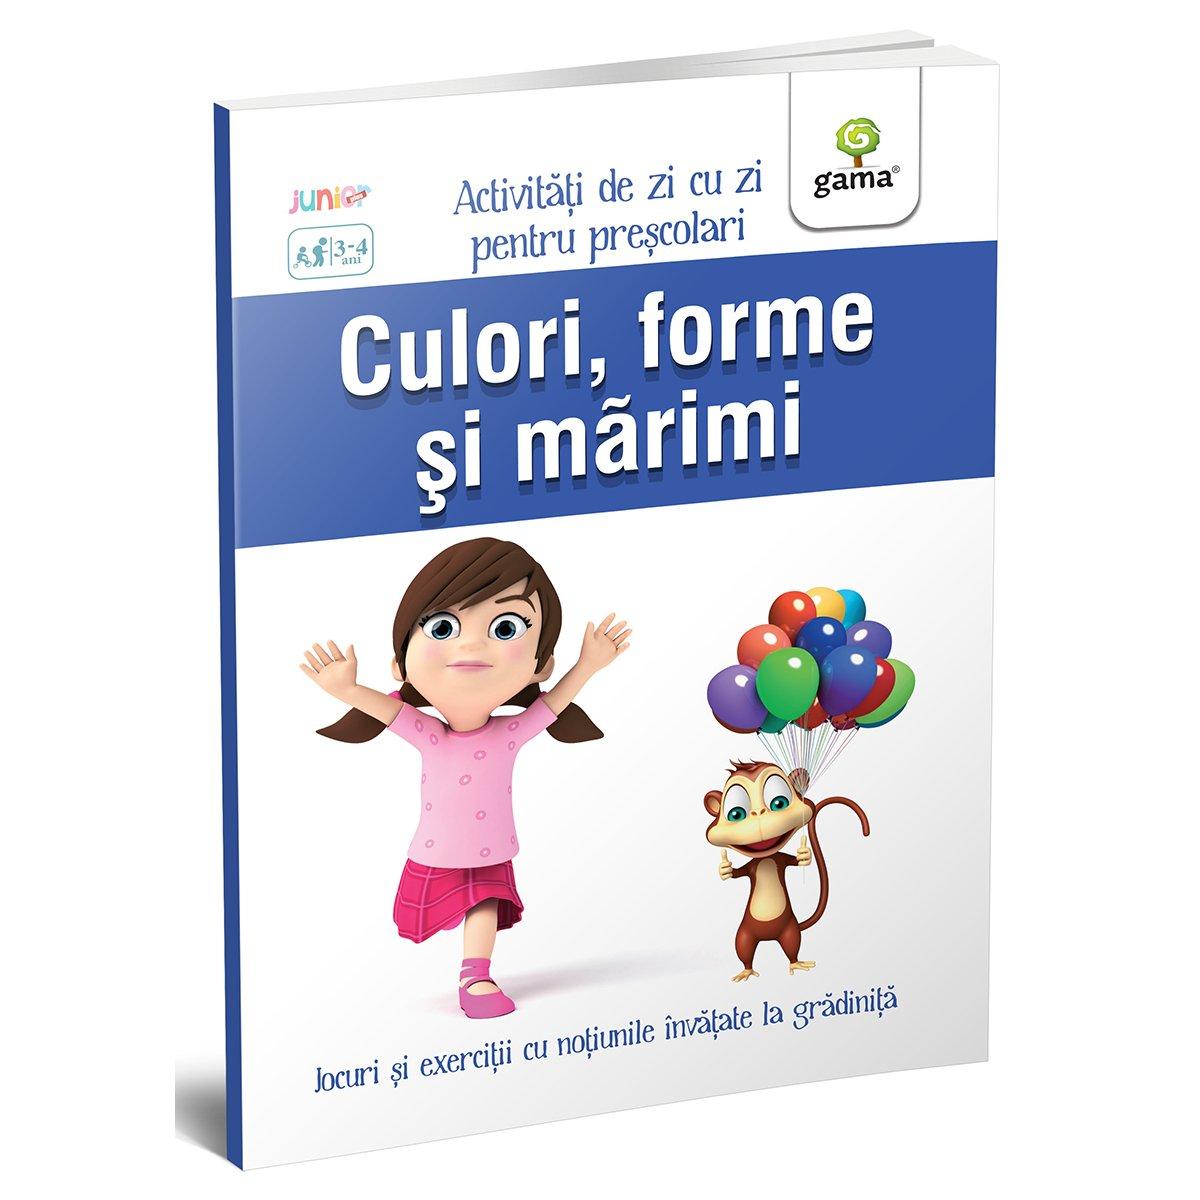 Carte Editura Gama, Culori, forme si marimi, Activitati de zi cu zi